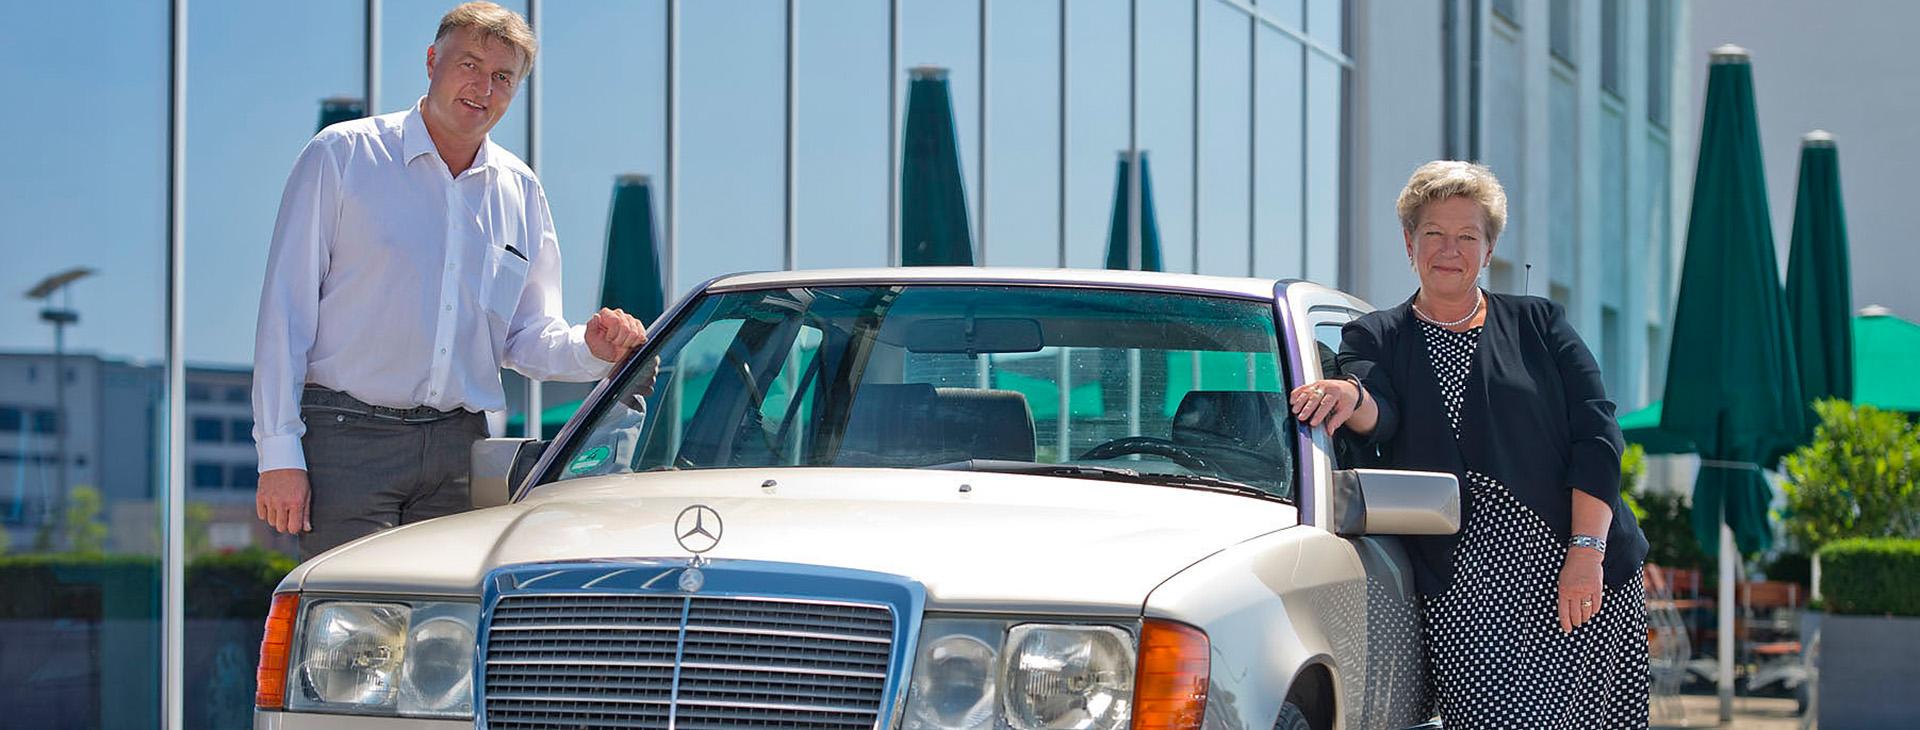 Kuschling & Passgang Mercedes